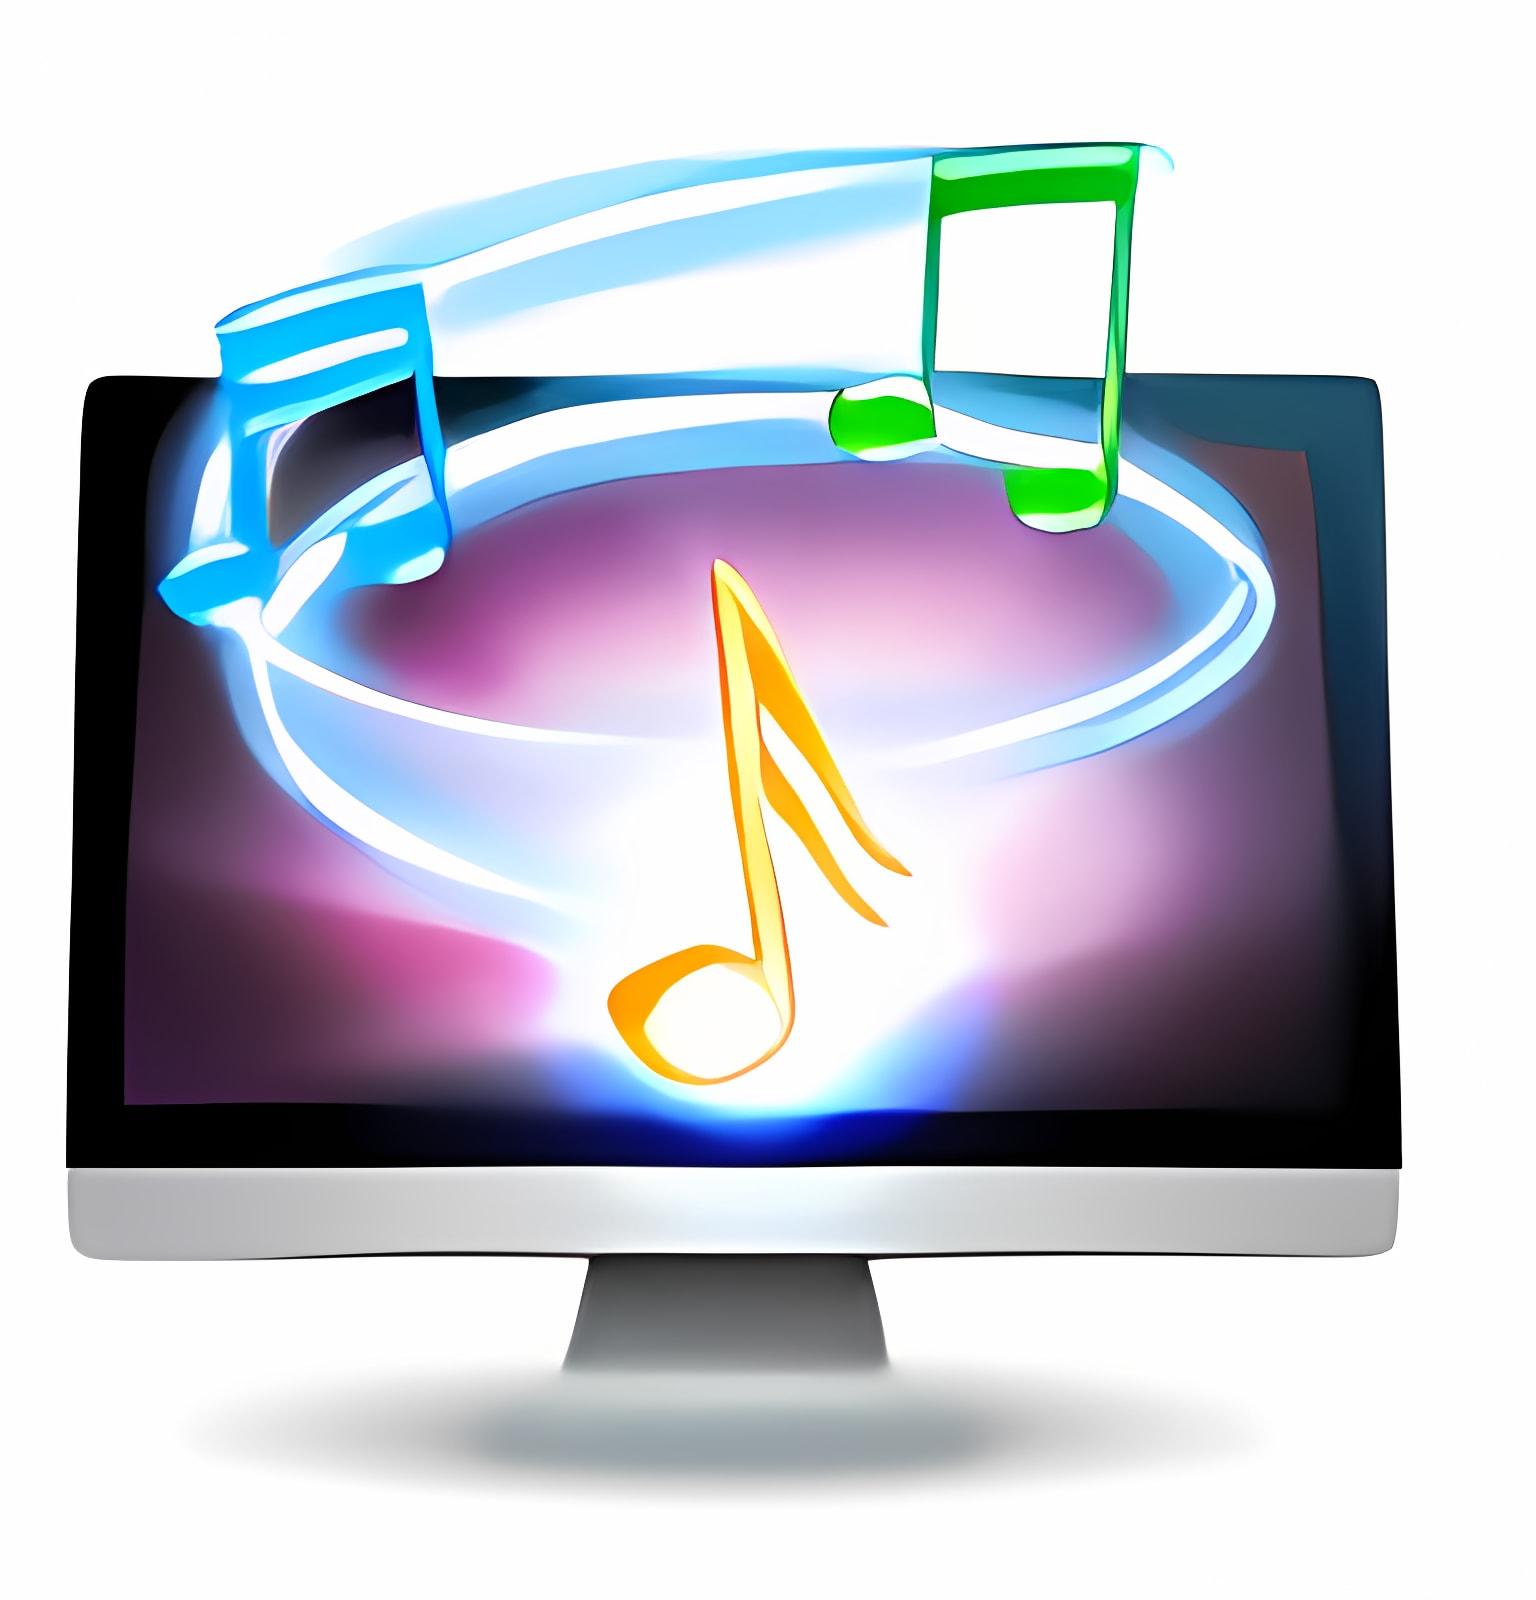 iRip (iPodRip) 2.1.6